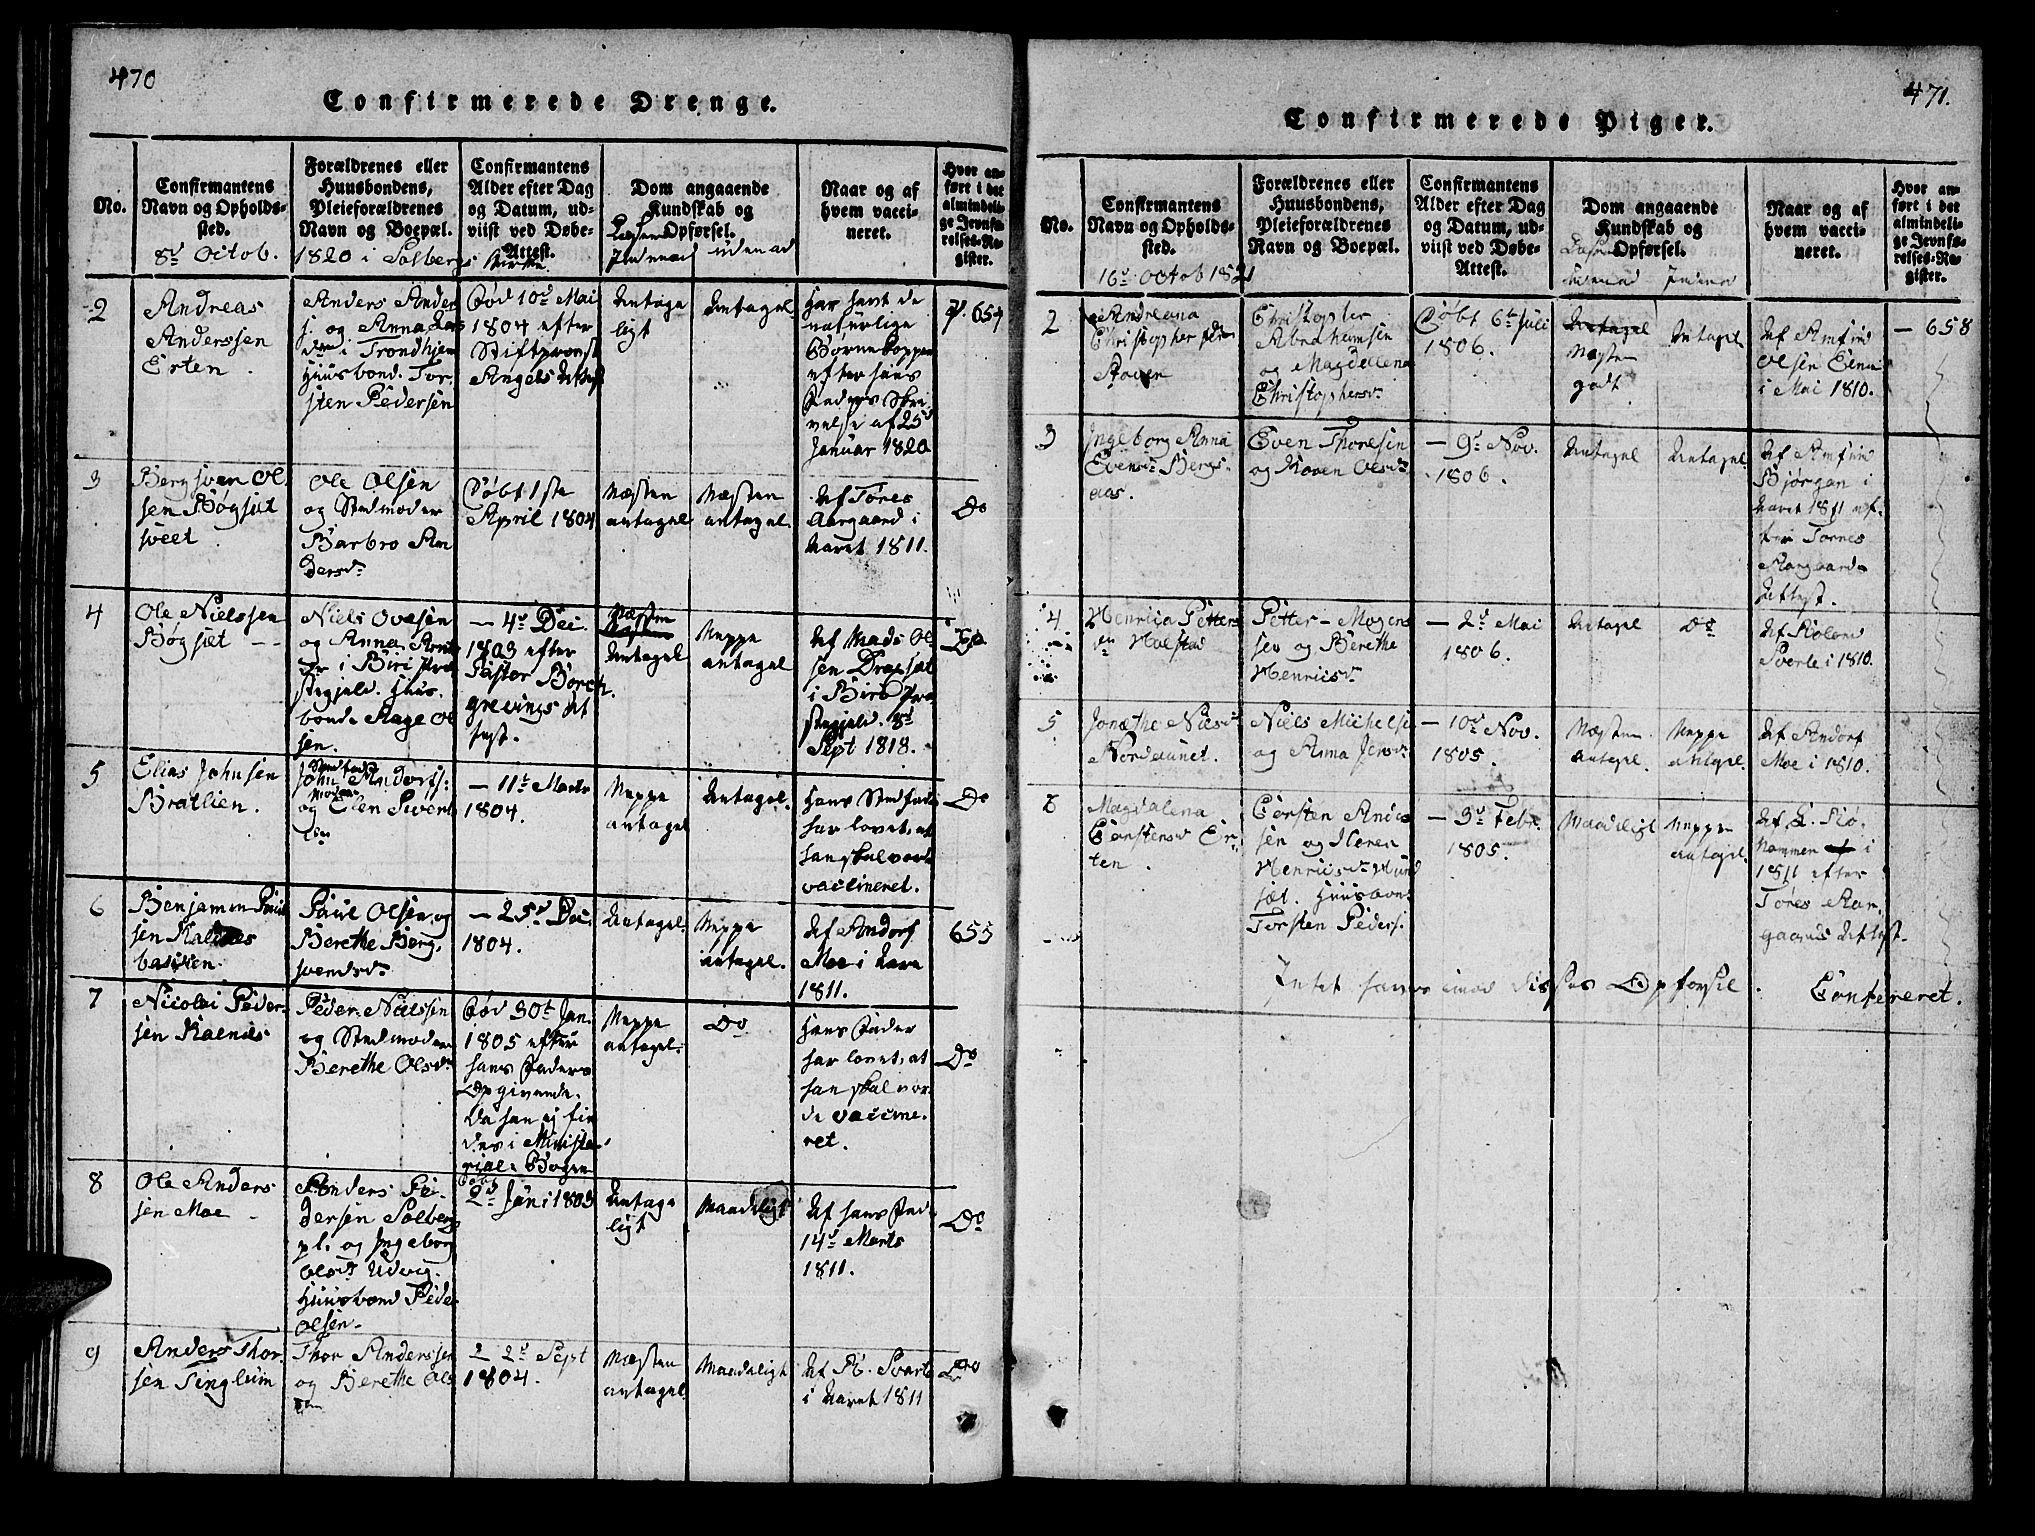 SAT, Ministerialprotokoller, klokkerbøker og fødselsregistre - Nord-Trøndelag, 742/L0411: Klokkerbok nr. 742C02, 1817-1825, s. 470-471